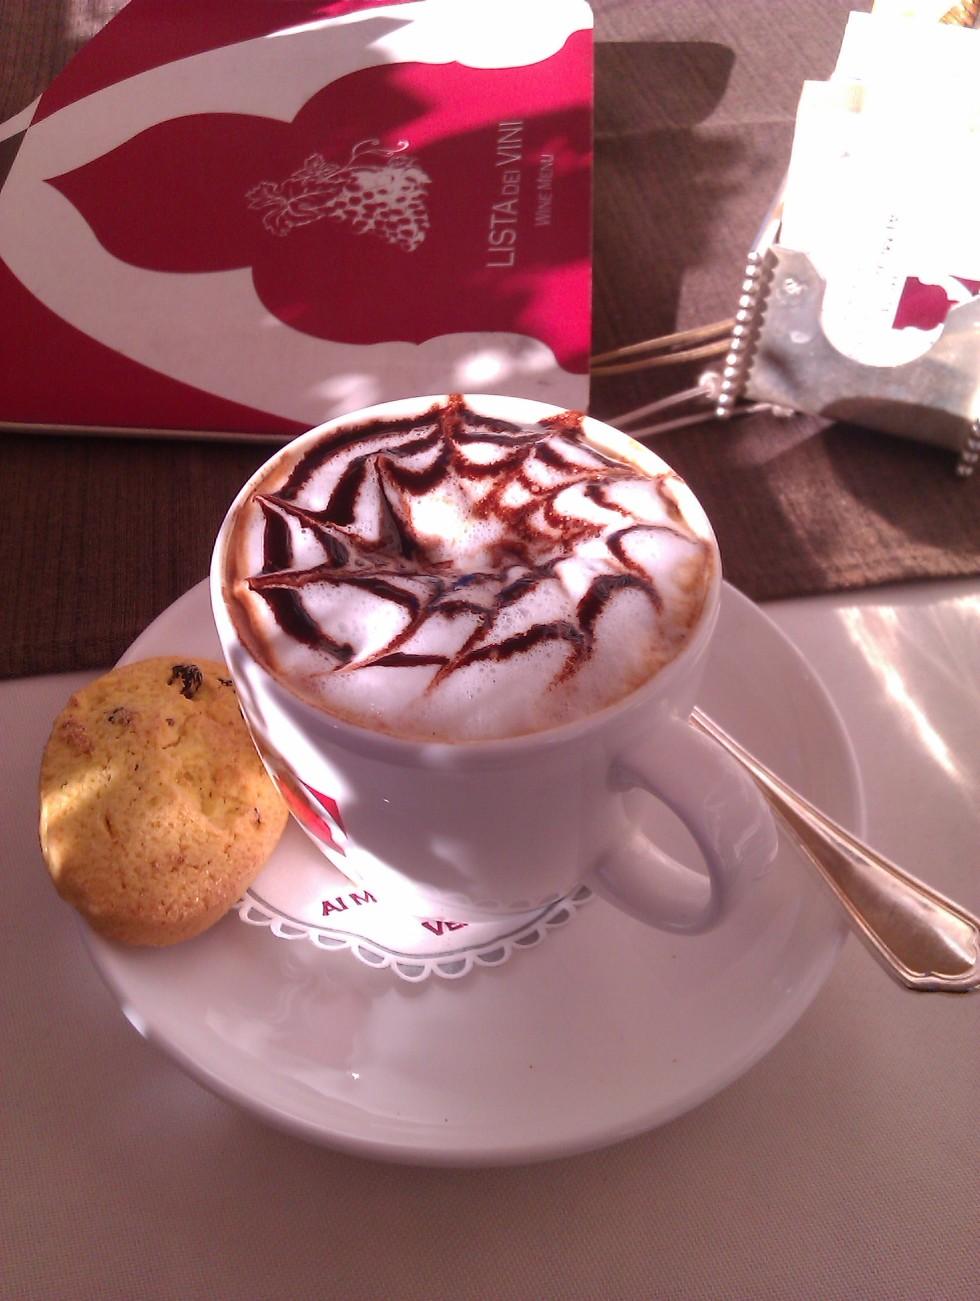 Spiderweb Cappuccino at Hotel Al Mori d'Oriente